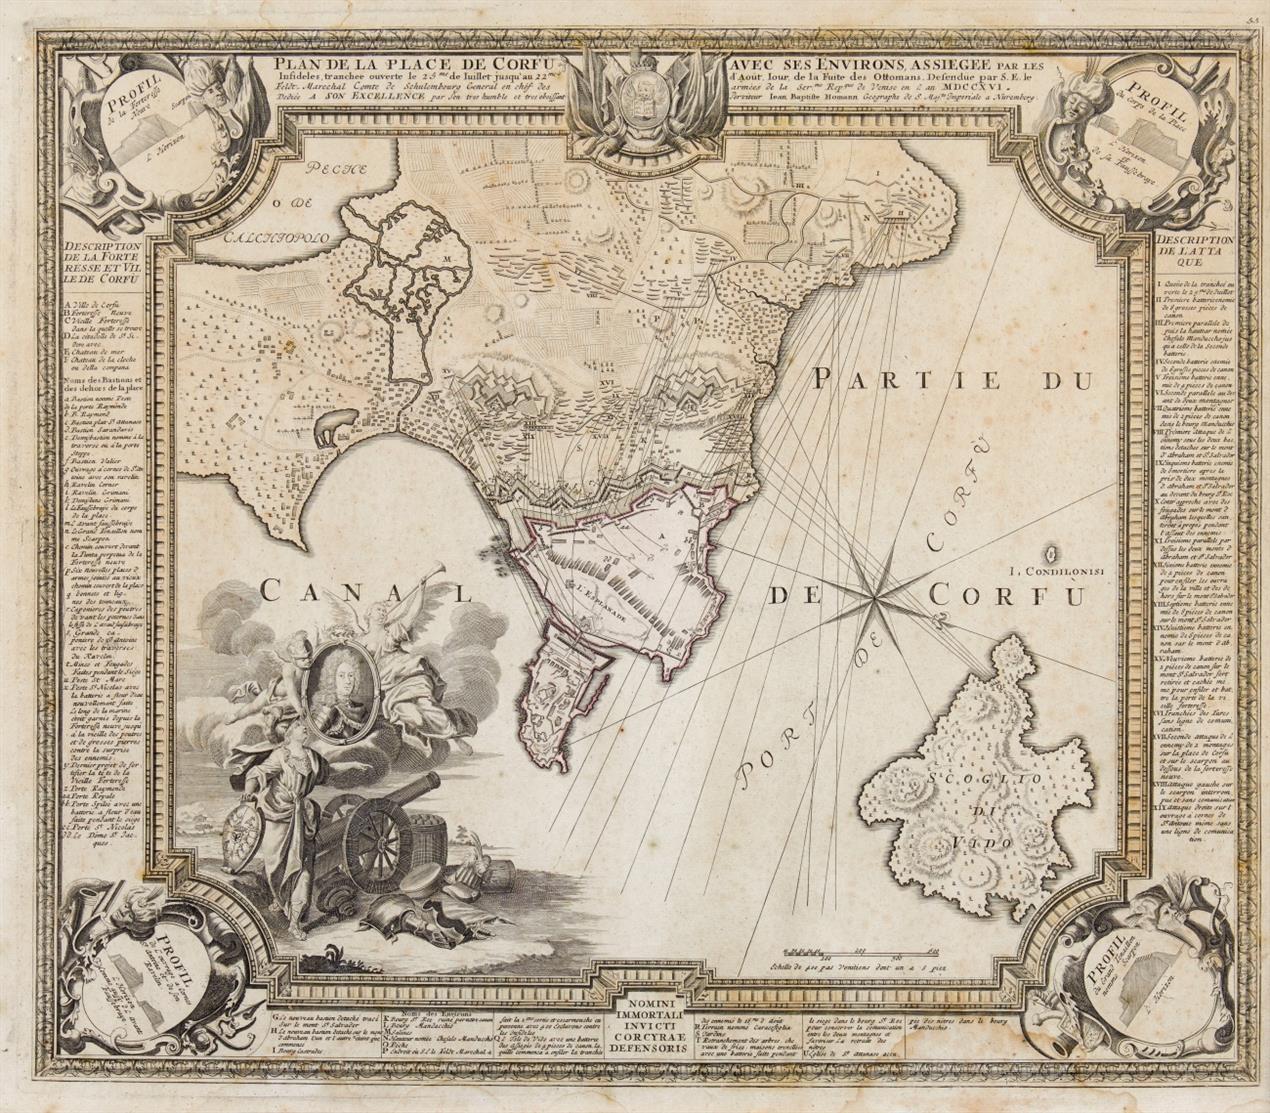 Griechenland. - Korfu. Plan de la place de Corfu. Um 1716. Kupferstichkarte von J.B. Homann.